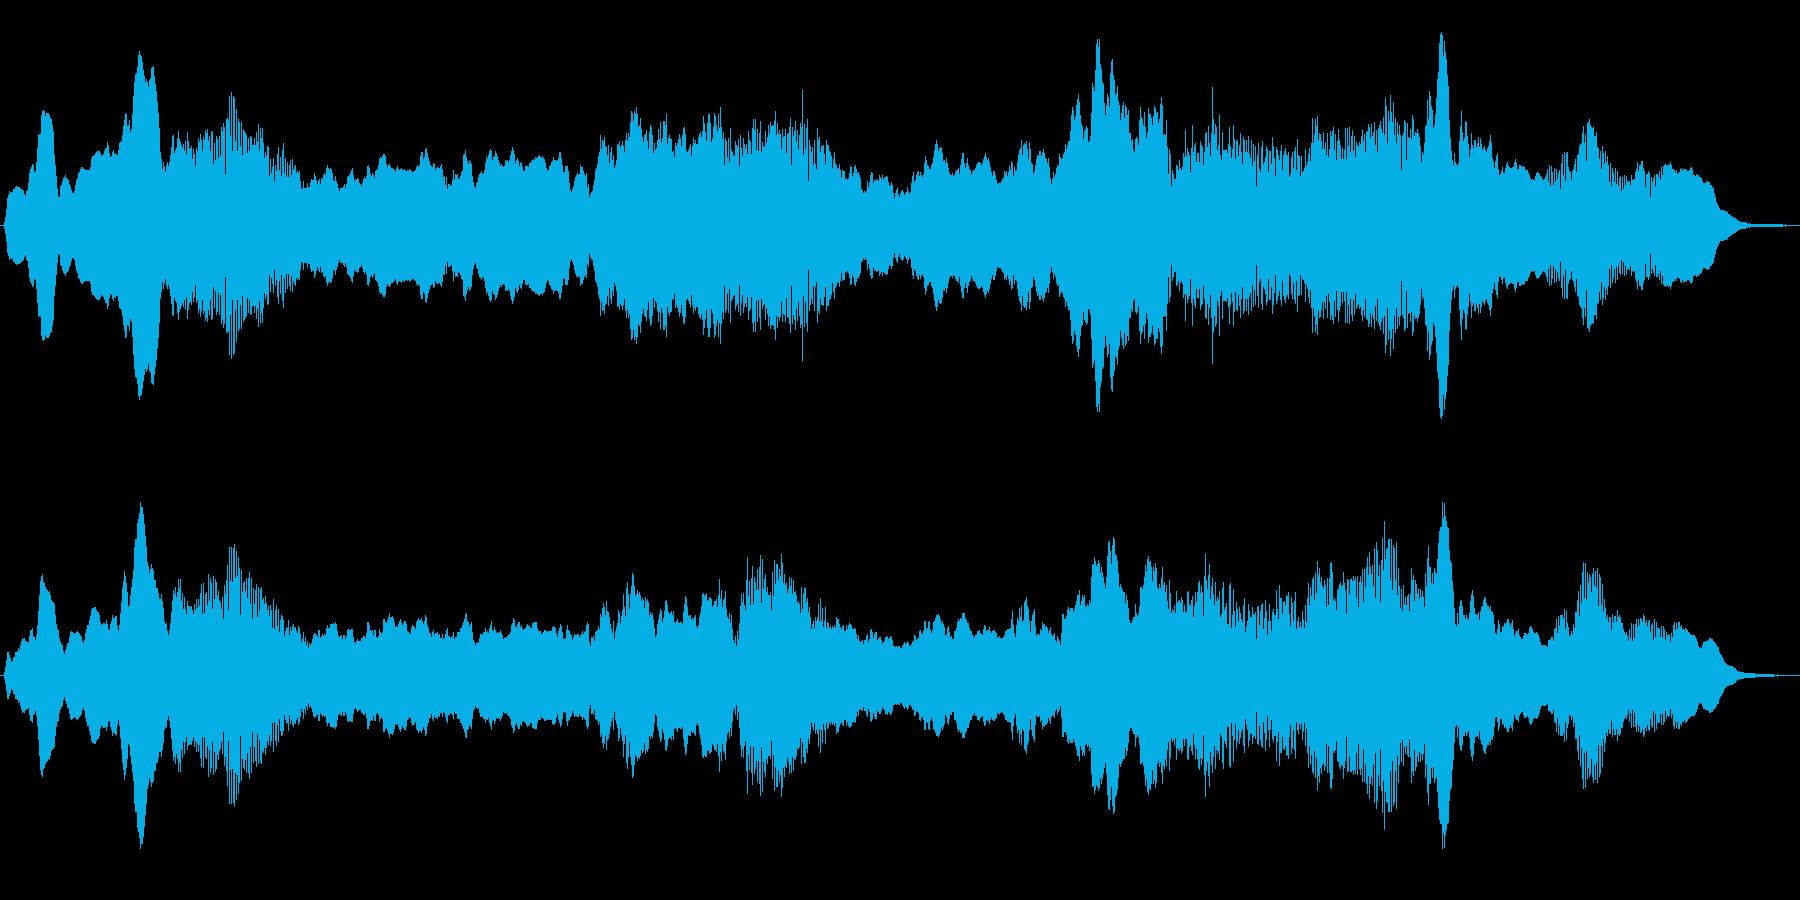 ダークな世界の不思議なジングルの再生済みの波形